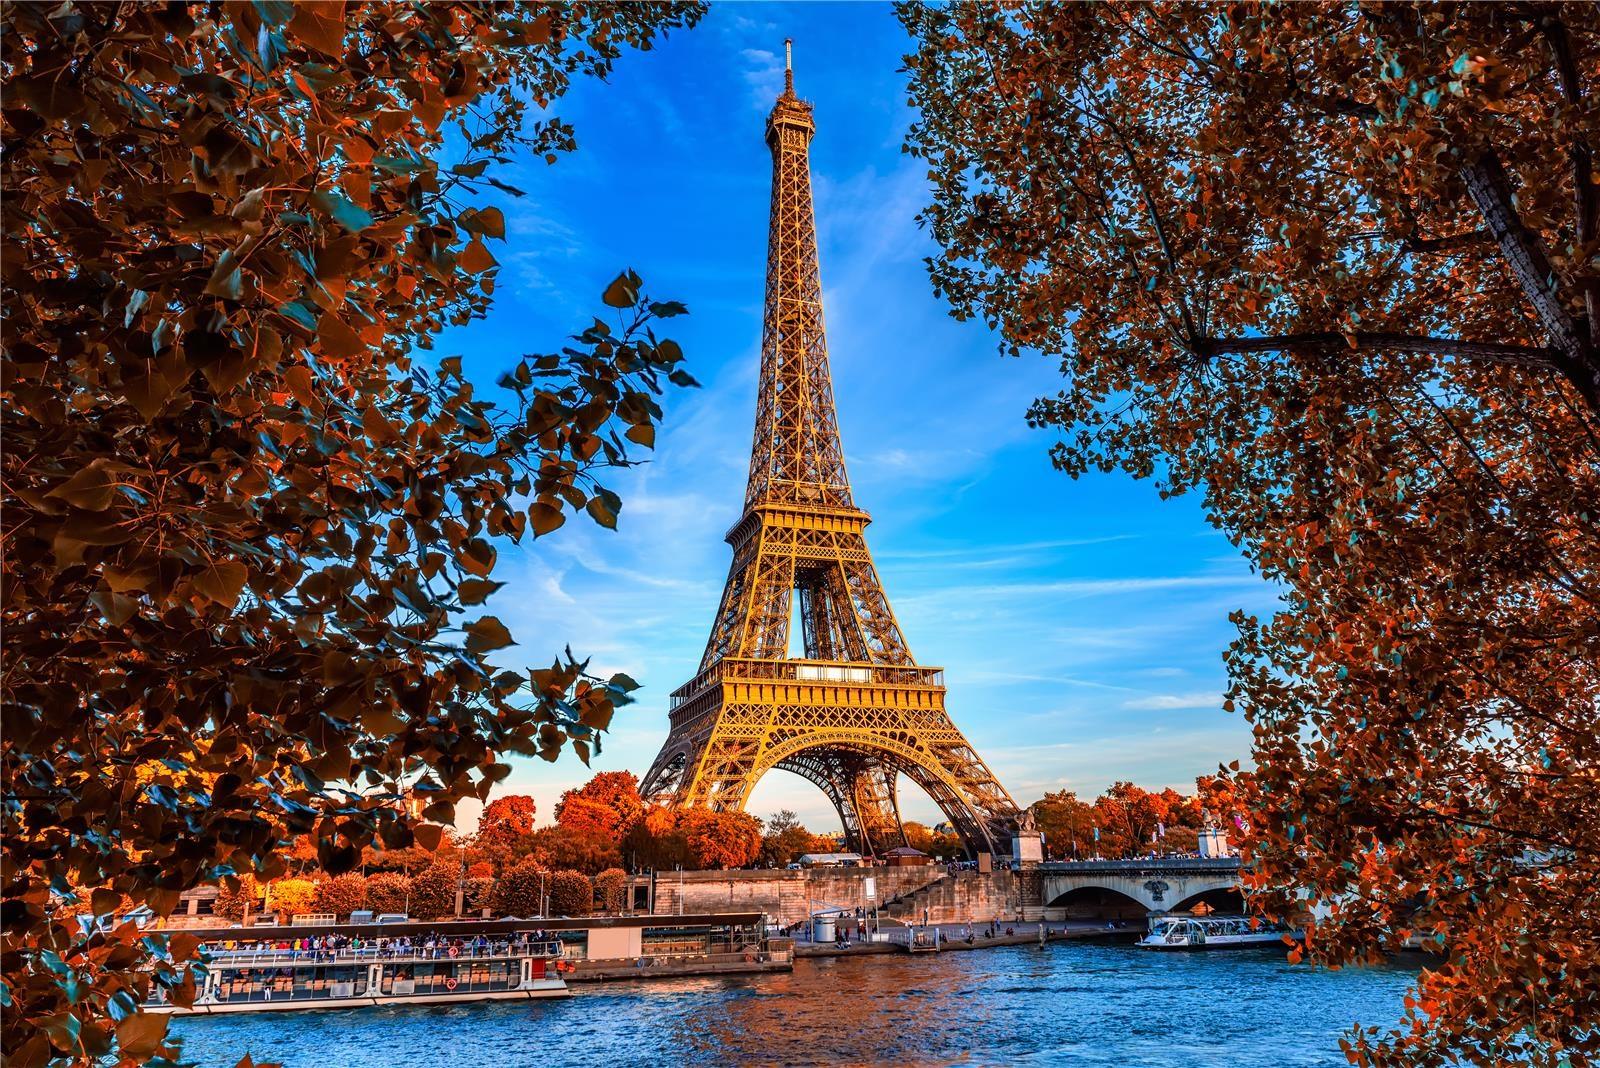 Hình ảnh tháp Eiffel những ngày mùa thu